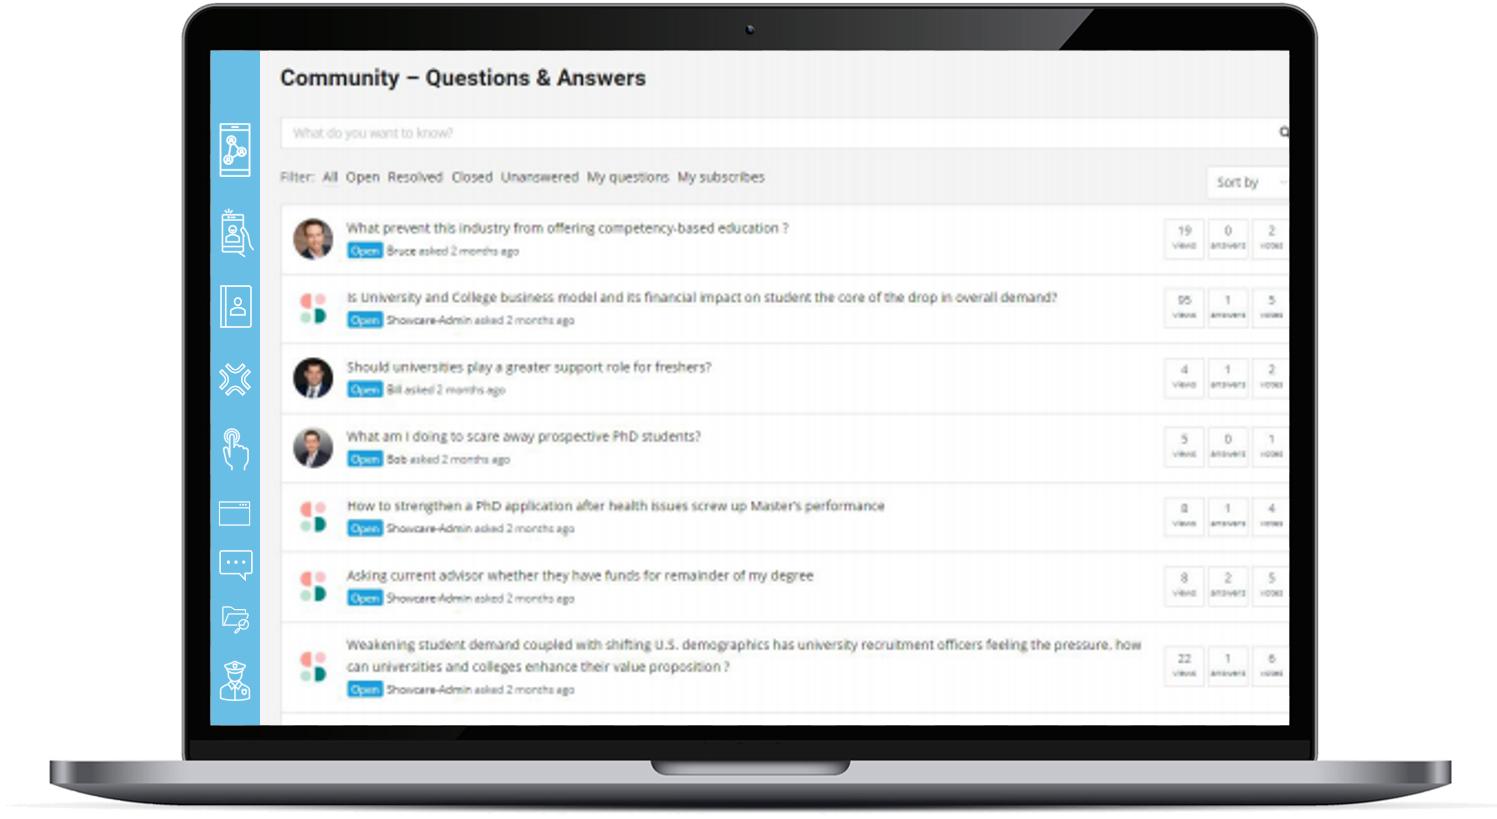 NETWORKING COMMUNITY Q&A